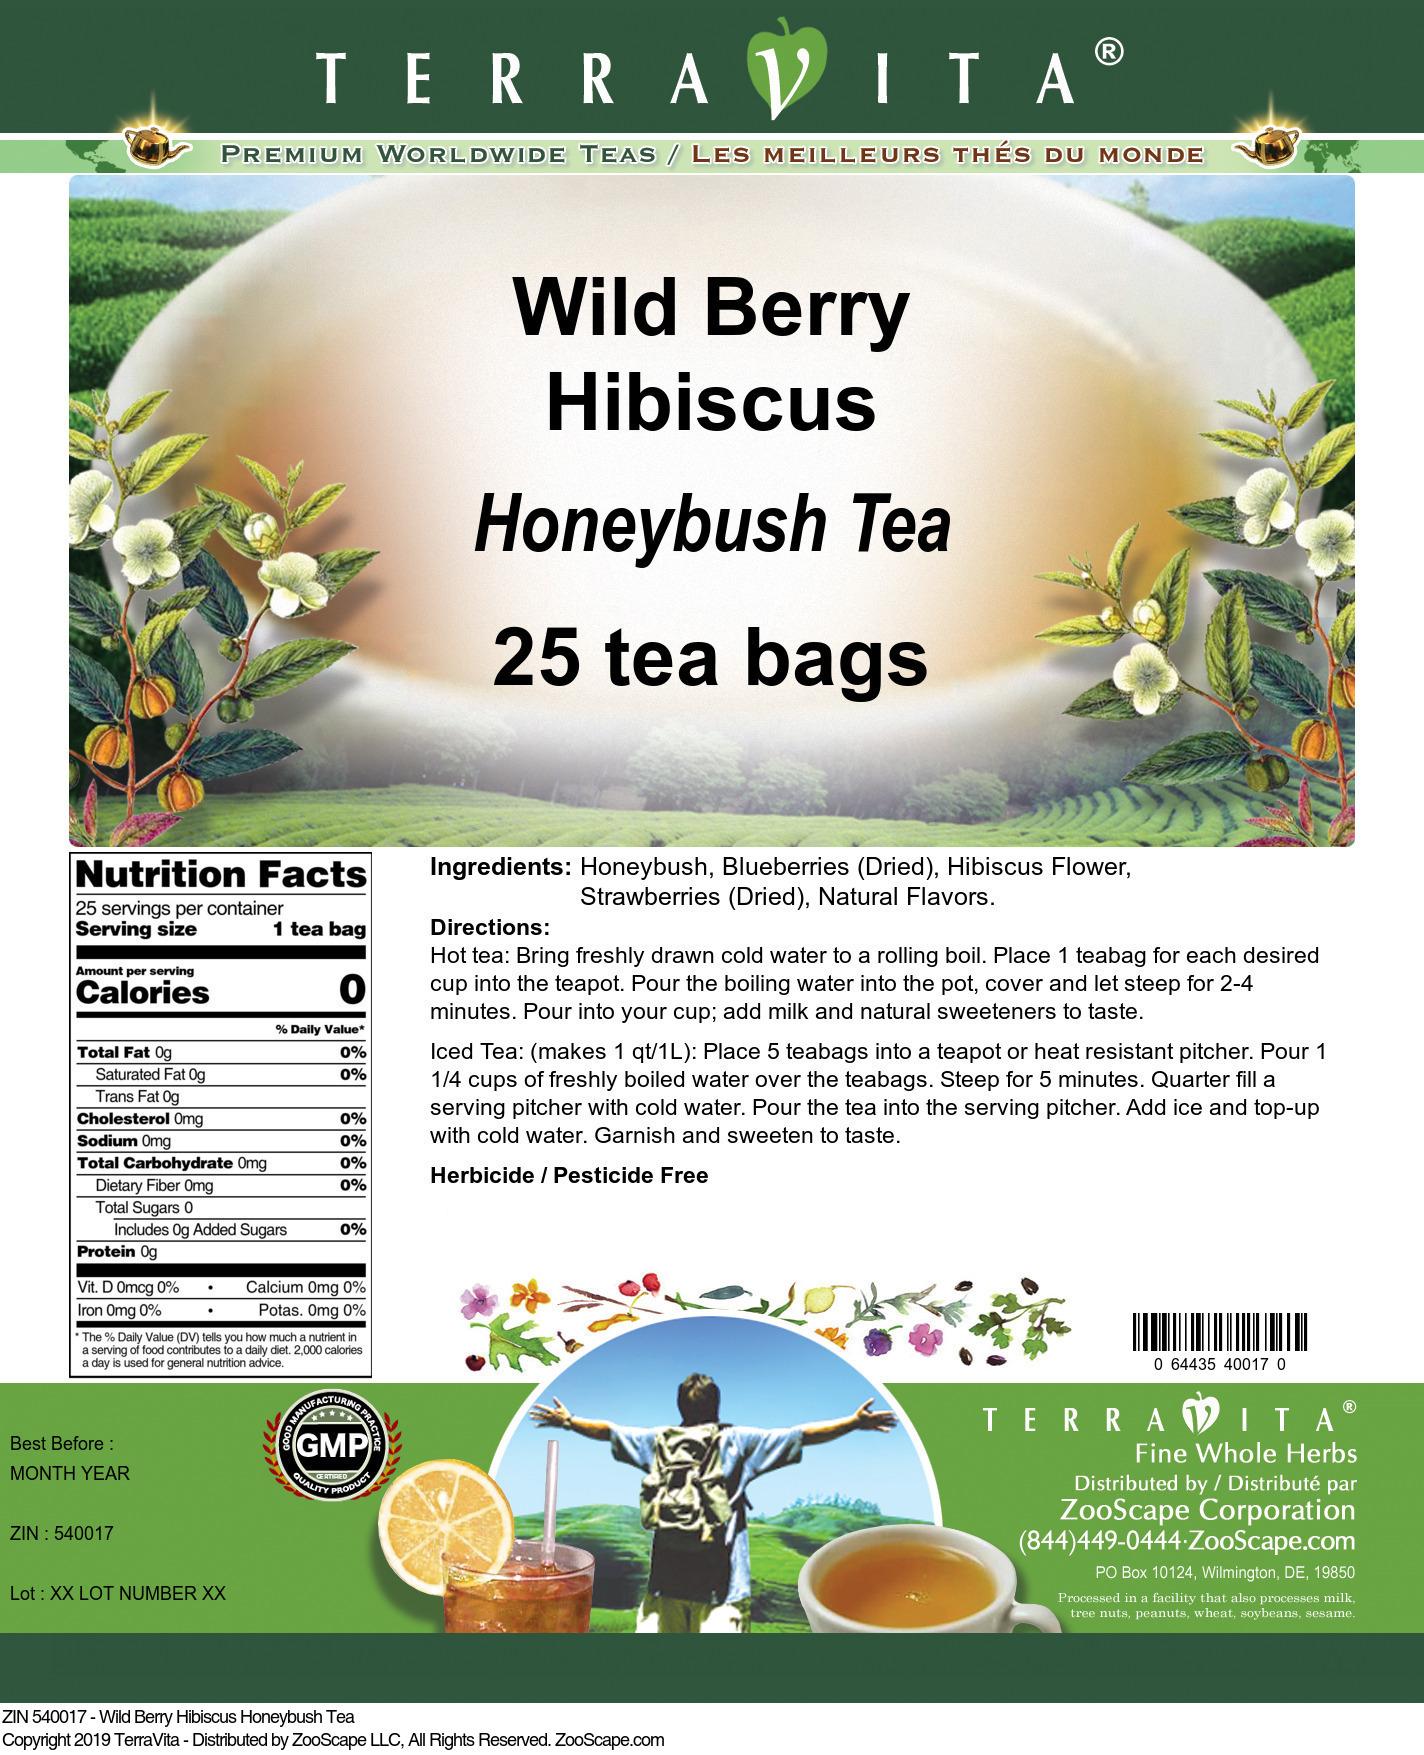 Wild Berry Hibiscus Honeybush Tea